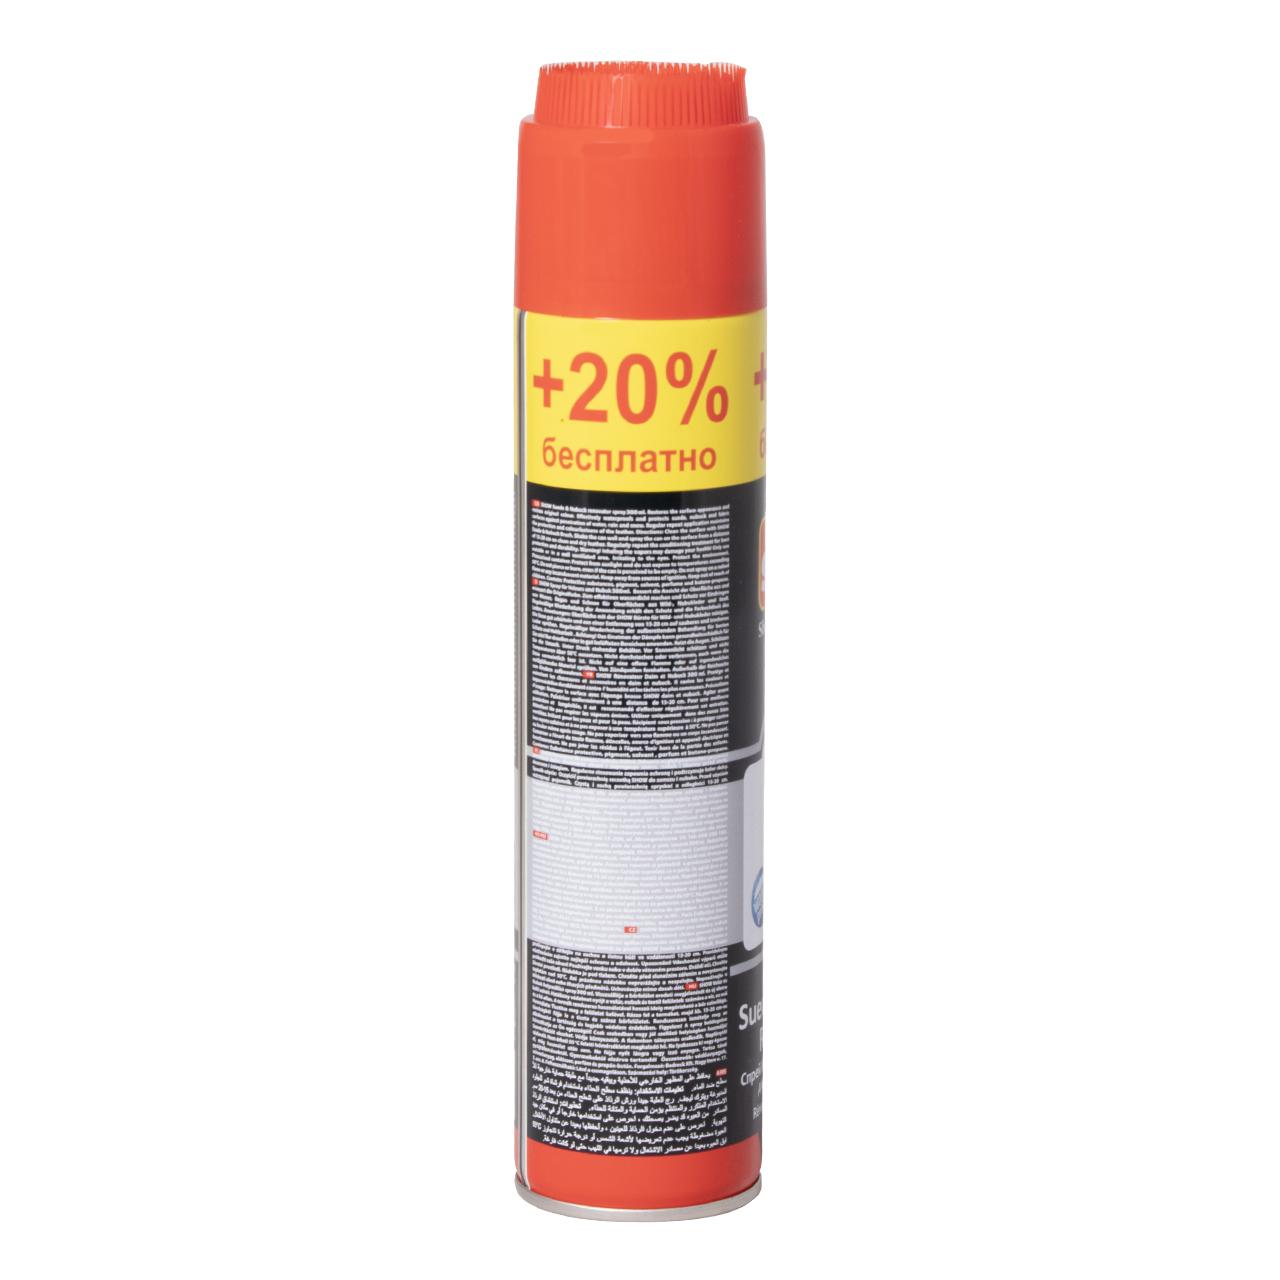 اسپری ترمیم کننده چرم شو مدل SC 70 01 01